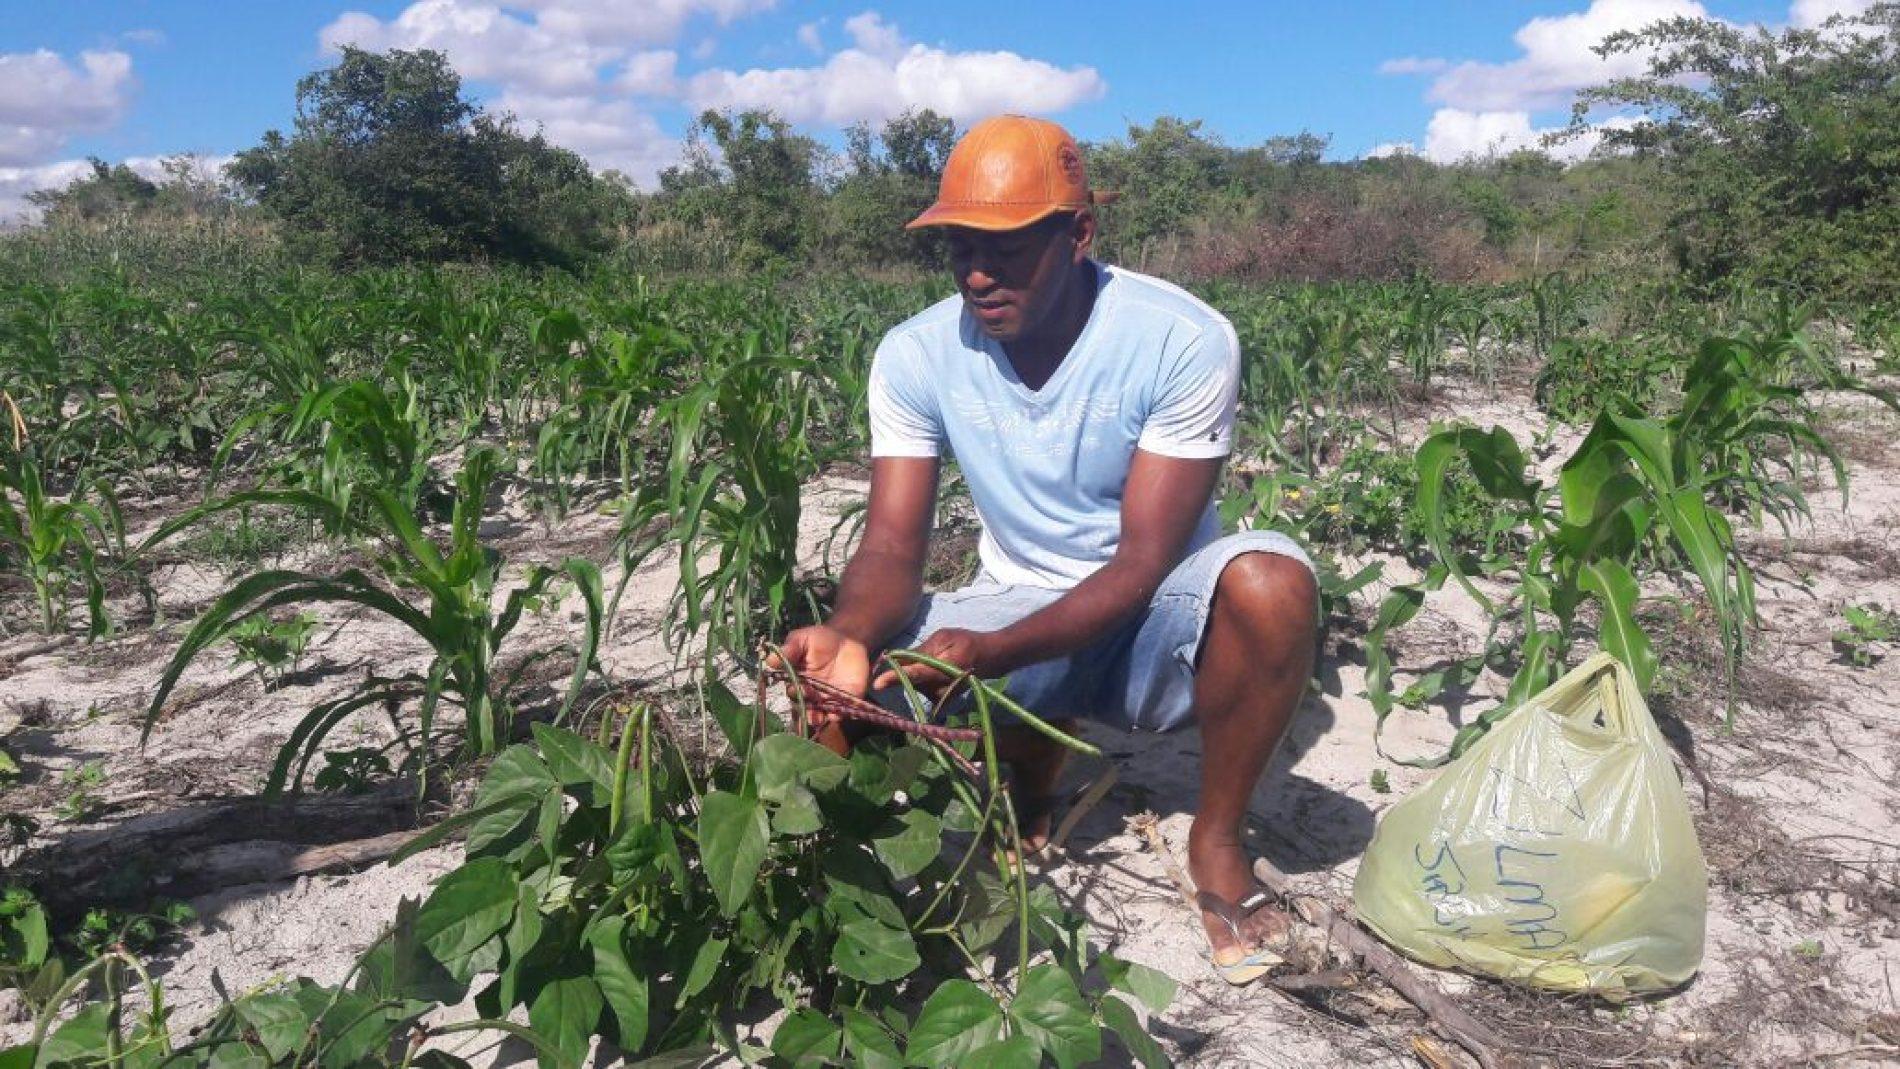 Deputado condena violência agrária, que fez mais uma vitima na Bahia